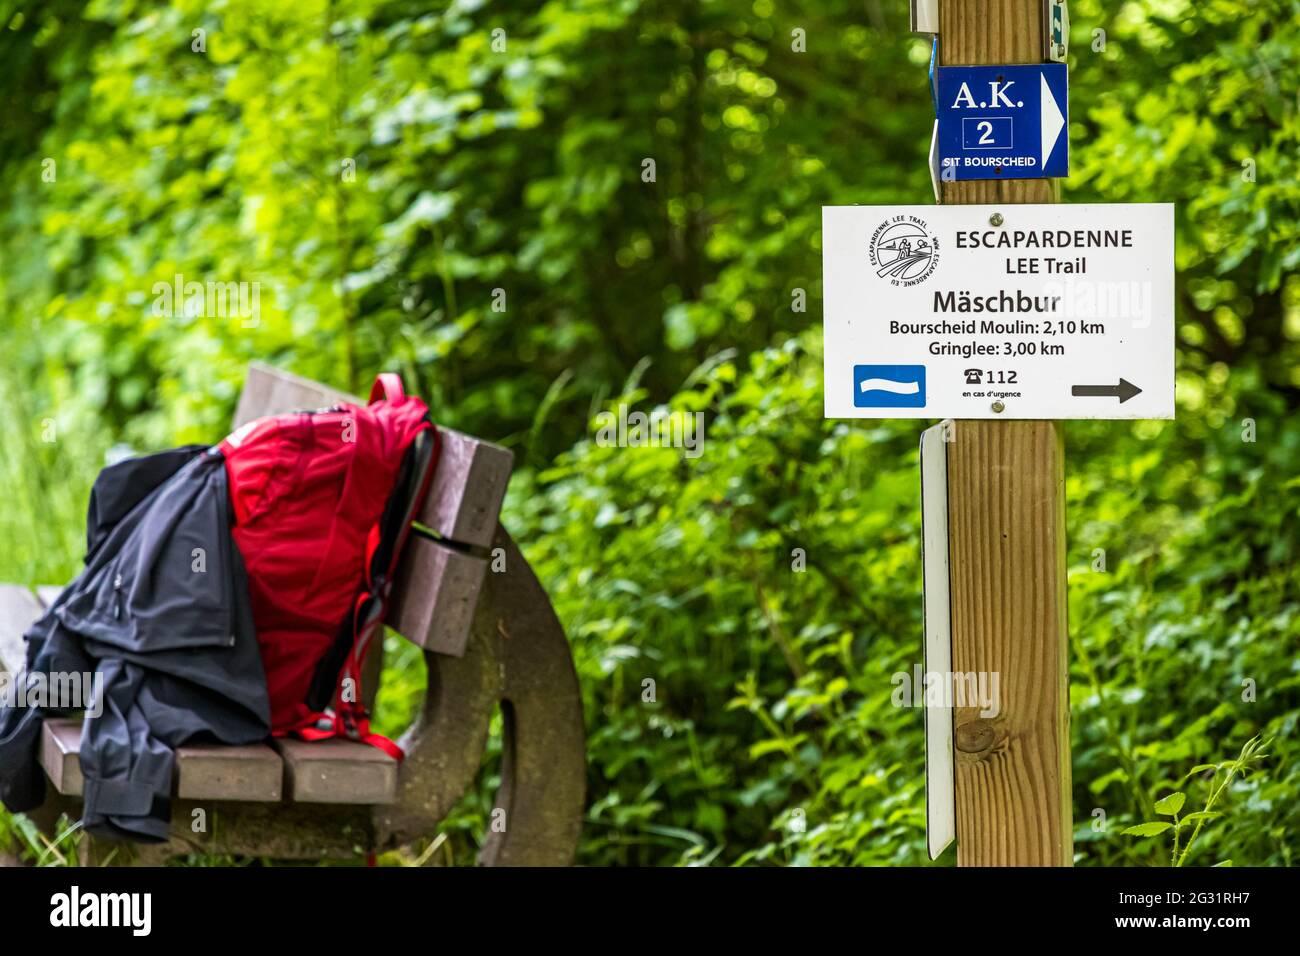 Señales en la ruta de senderismo Escardienne LEE Trail cerca de Lipperscheid, Luxemburgo. La primera subida empinada fuera del valle del Sauer se hace. El signo de la onda blanca sobre fondo azul es el signo oficial del camino Foto de stock